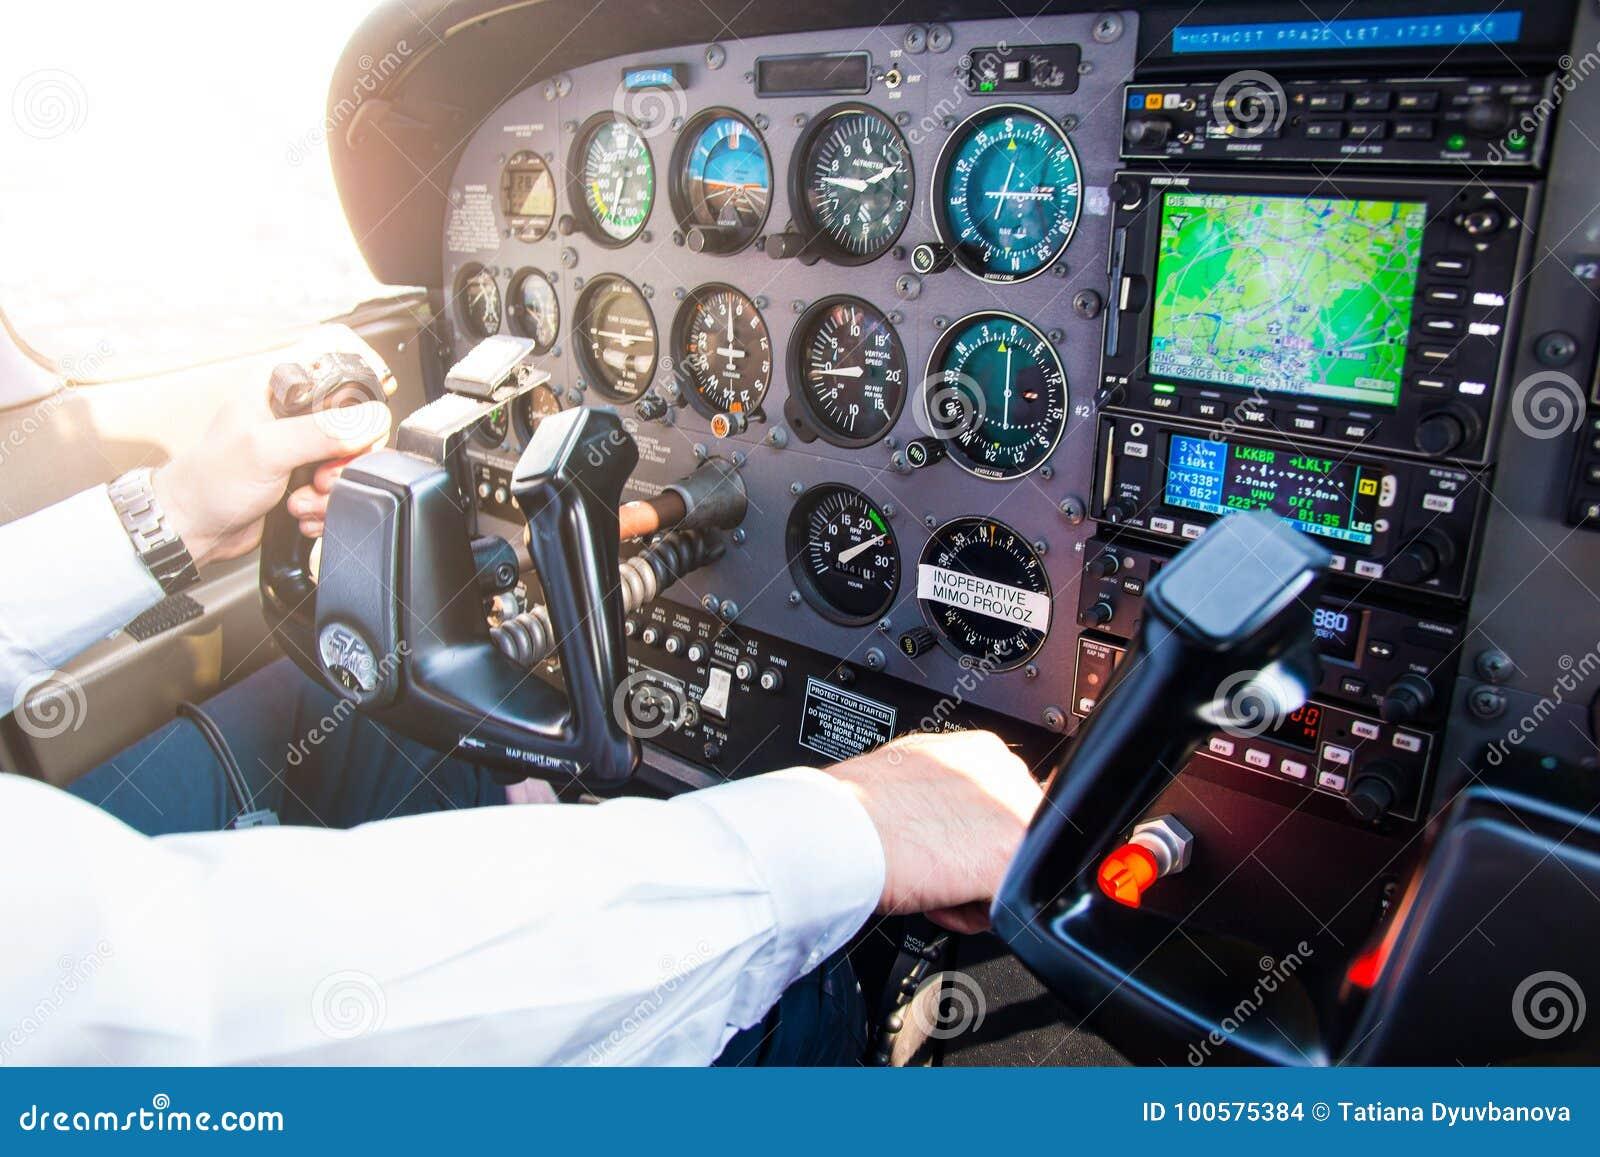 PRAGA, REPUBBLICA CECA - 9 09 2017: Mano del pilota sul volante nel piccoli aereo e cruscotto